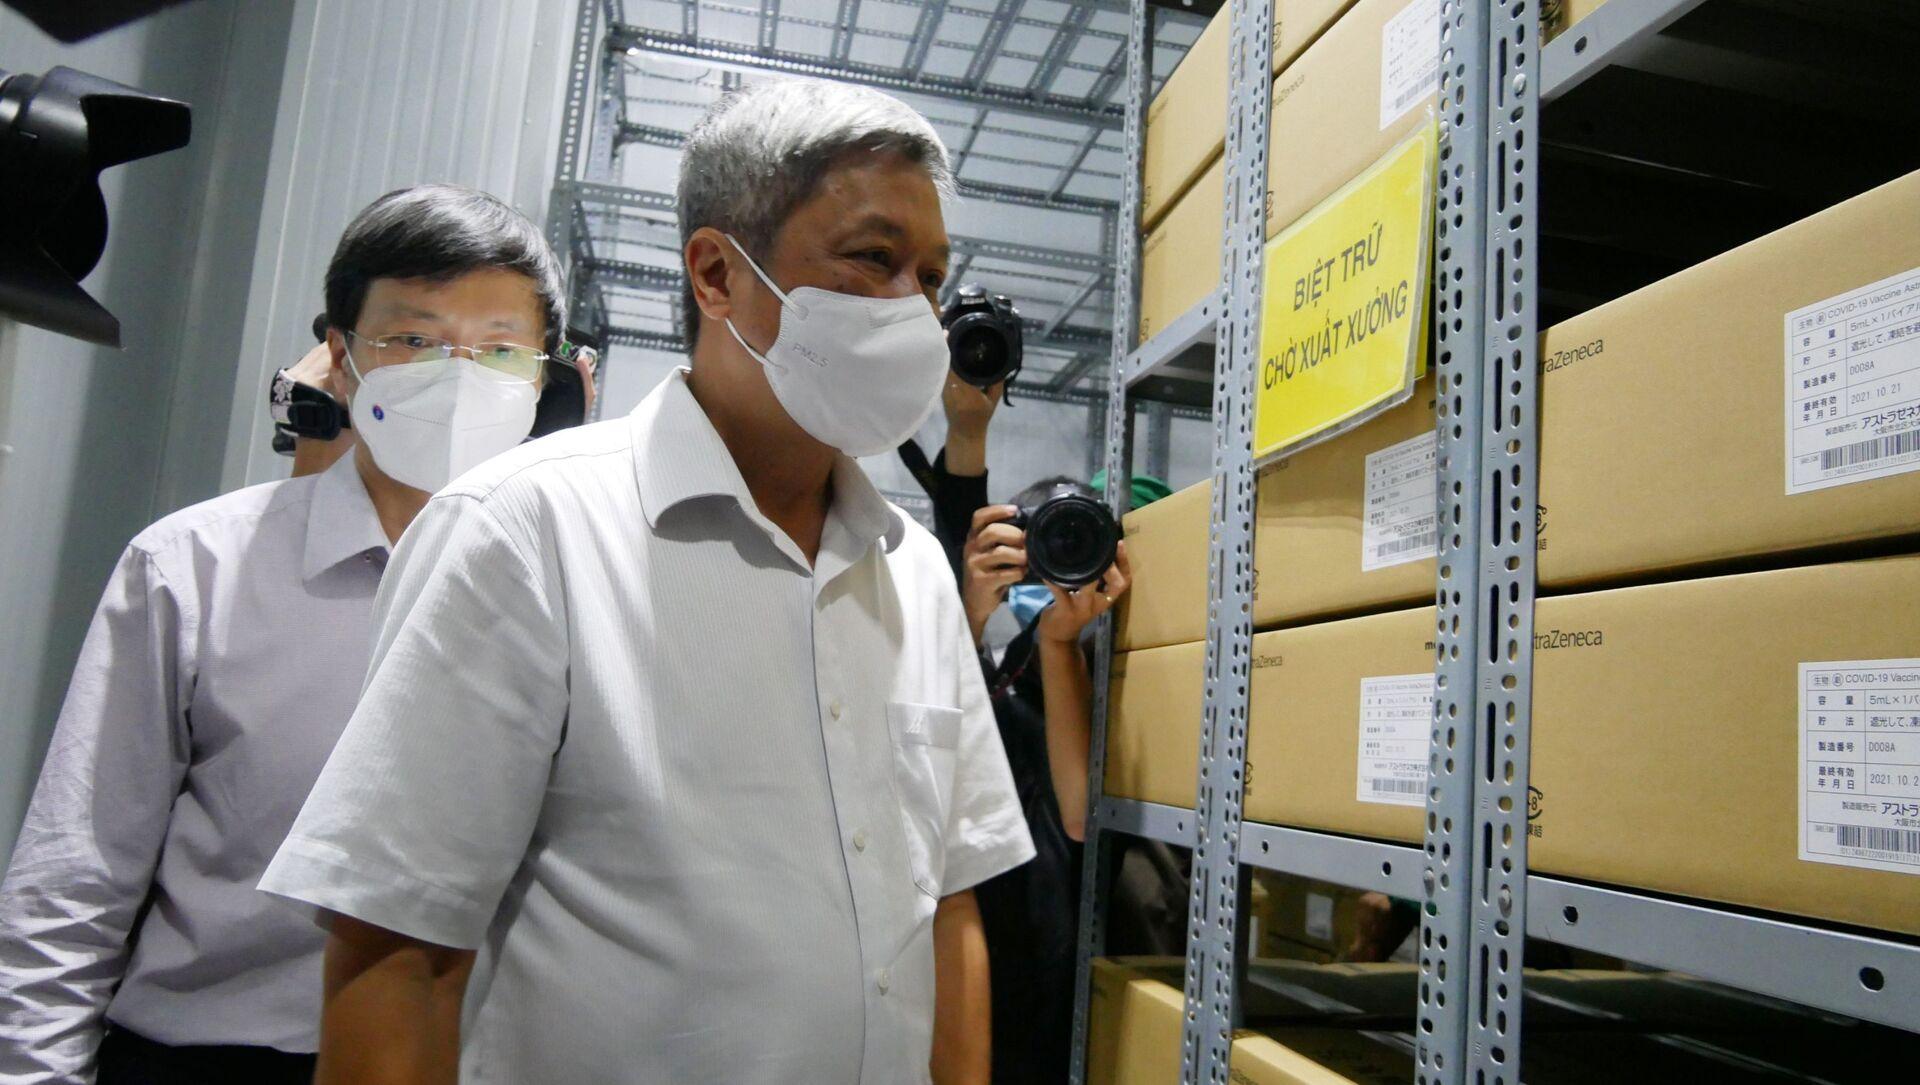 Thứ trưởng Bộ Y tế Nguyễn Trường Sơn kiểm tra công tác bảo quản vaccine Astra Zeneca tại Công ty dược mỹ phẩm May - Sputnik Việt Nam, 1920, 09.07.2021